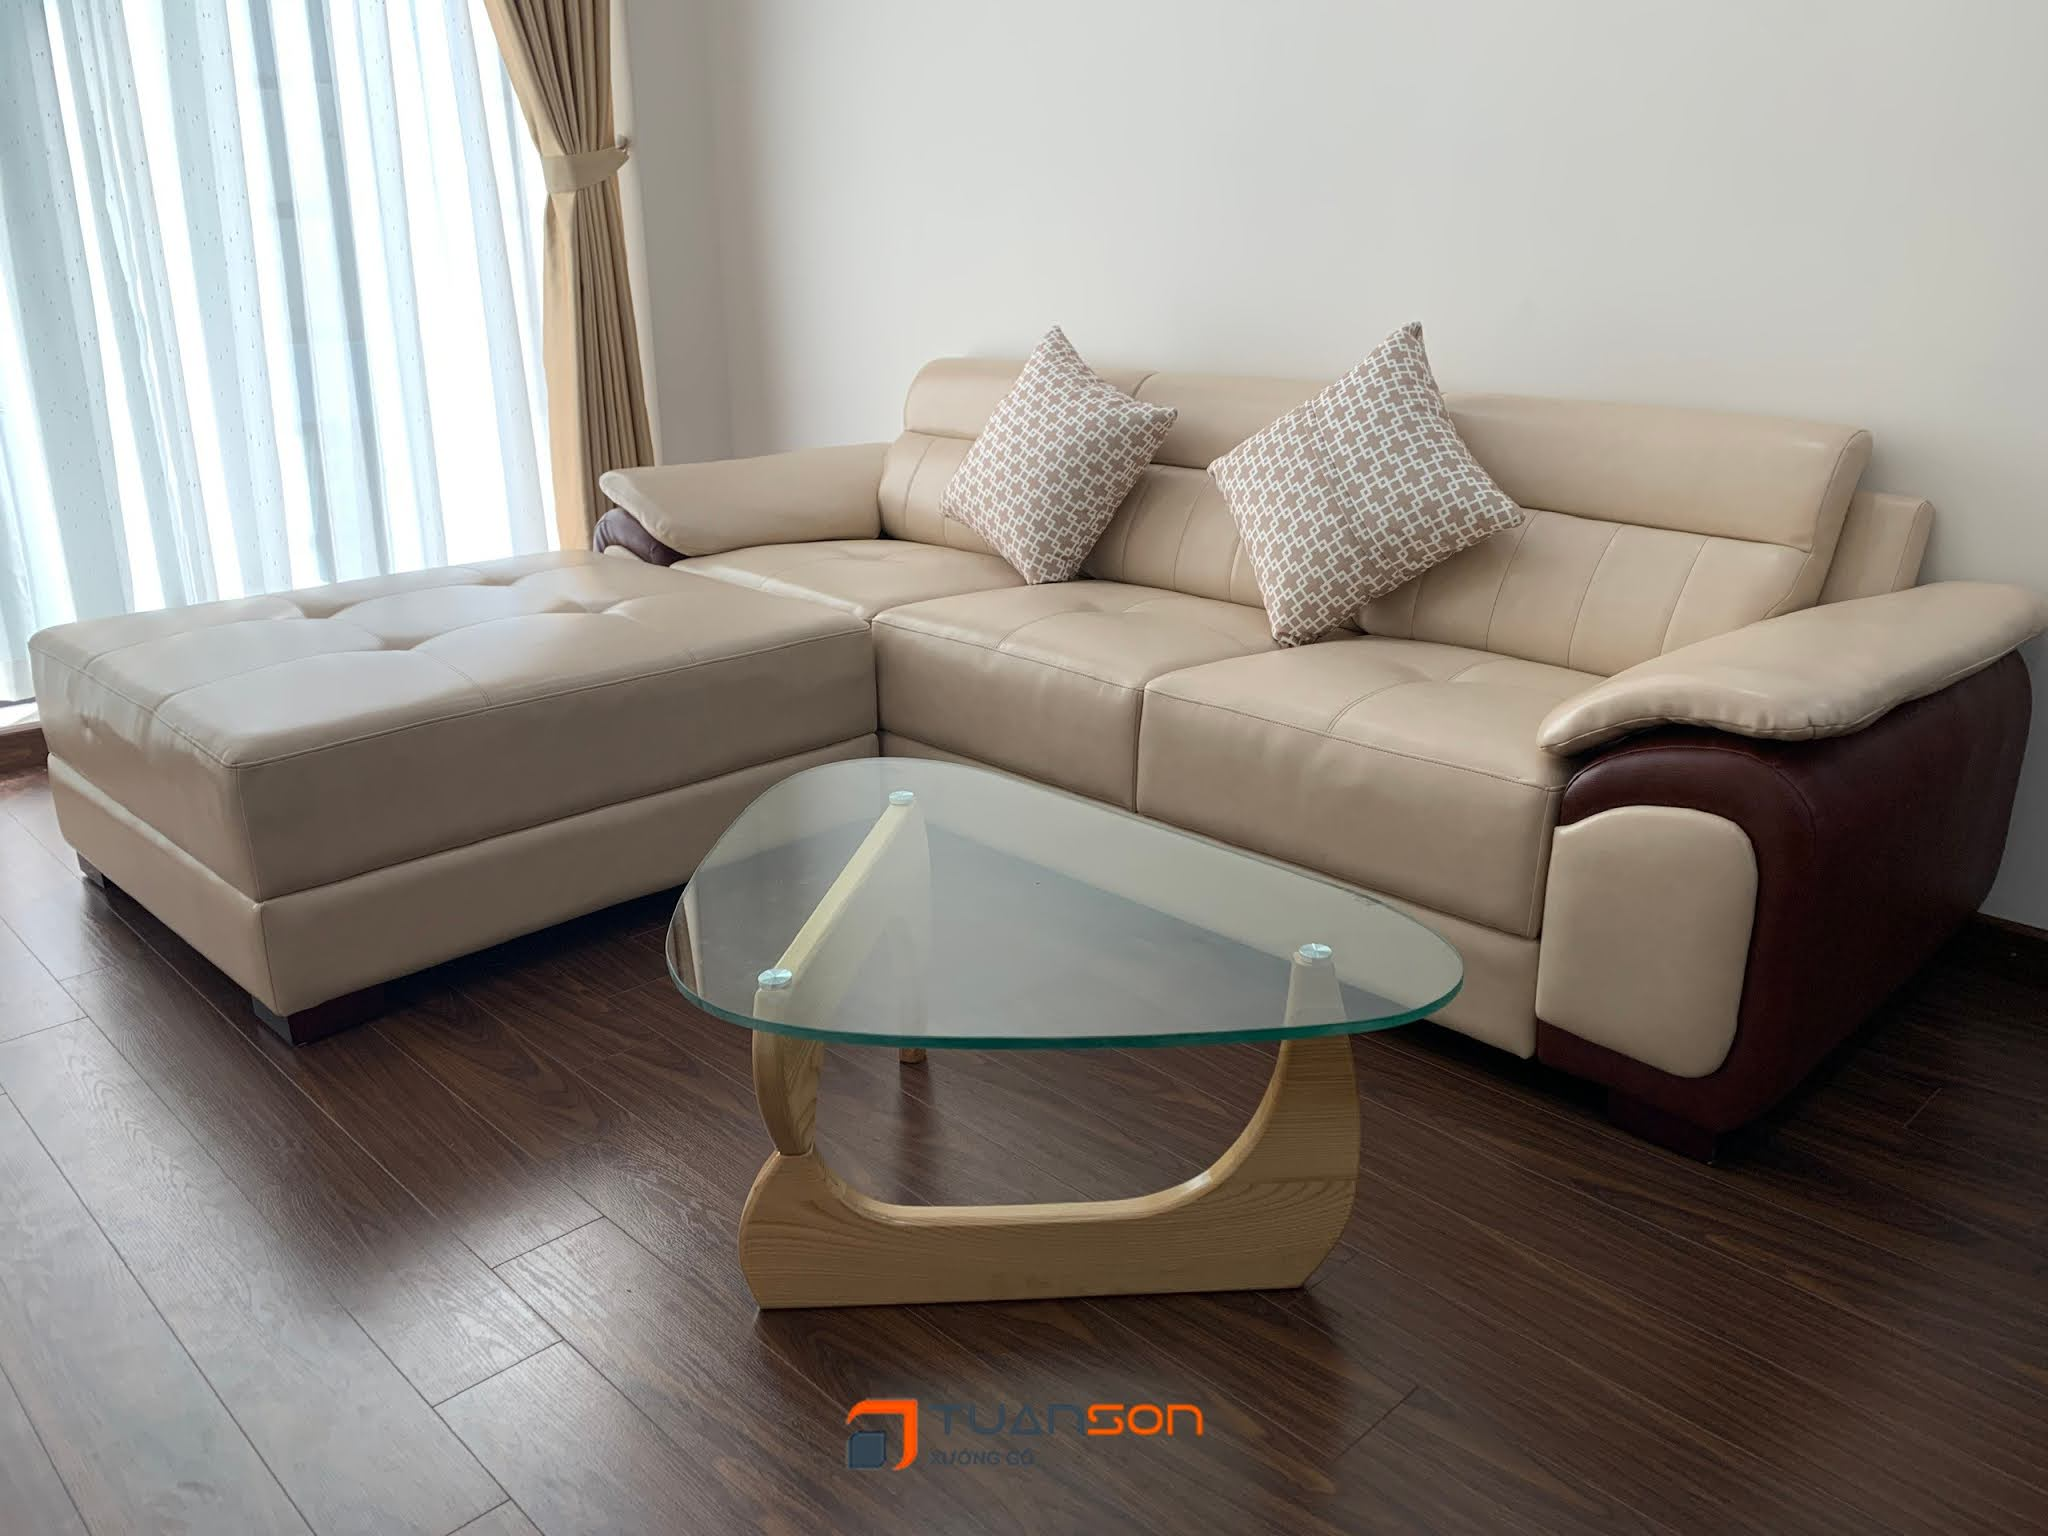 Bàn giao công trình nội thất căn 3 phòng ngủ (78m2) Bea Sky Nguyễn Xiển